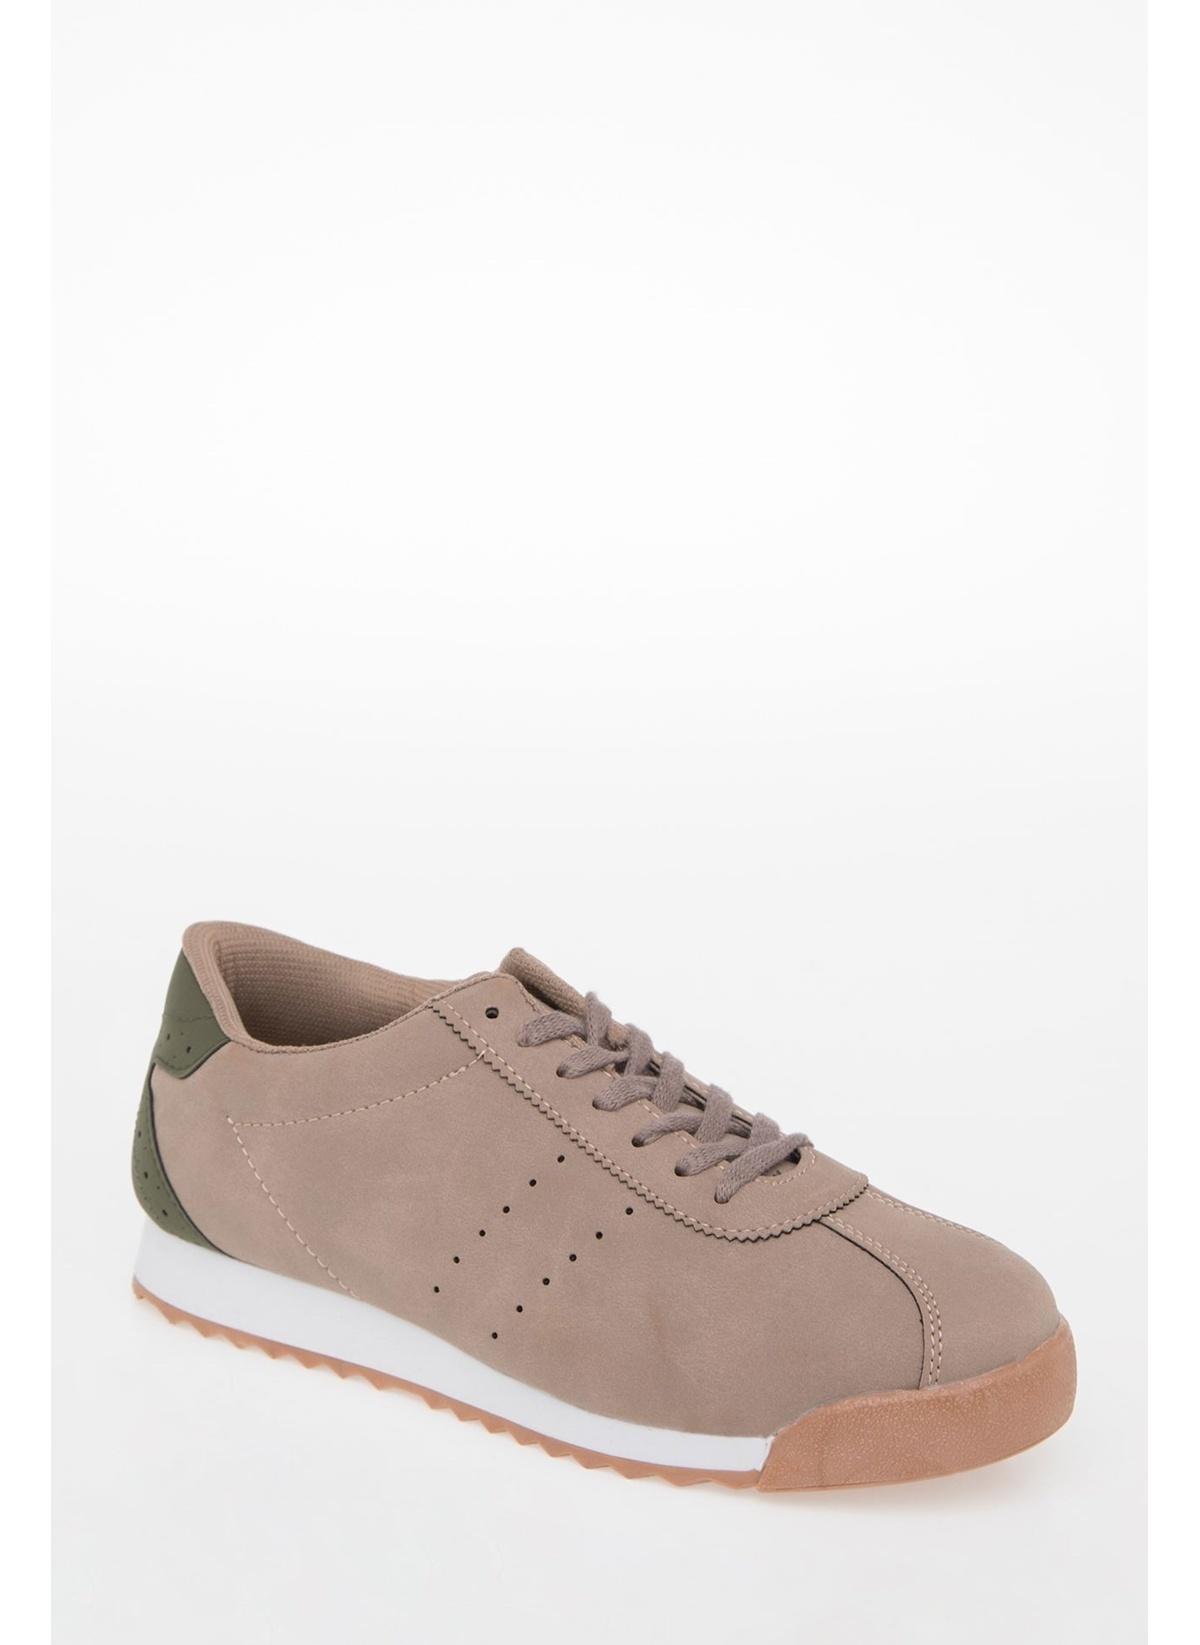 Defacto Bağcıklı Spor Ayakkabı K5455az19spbg26casual Ayakkabı – 89.99 TL